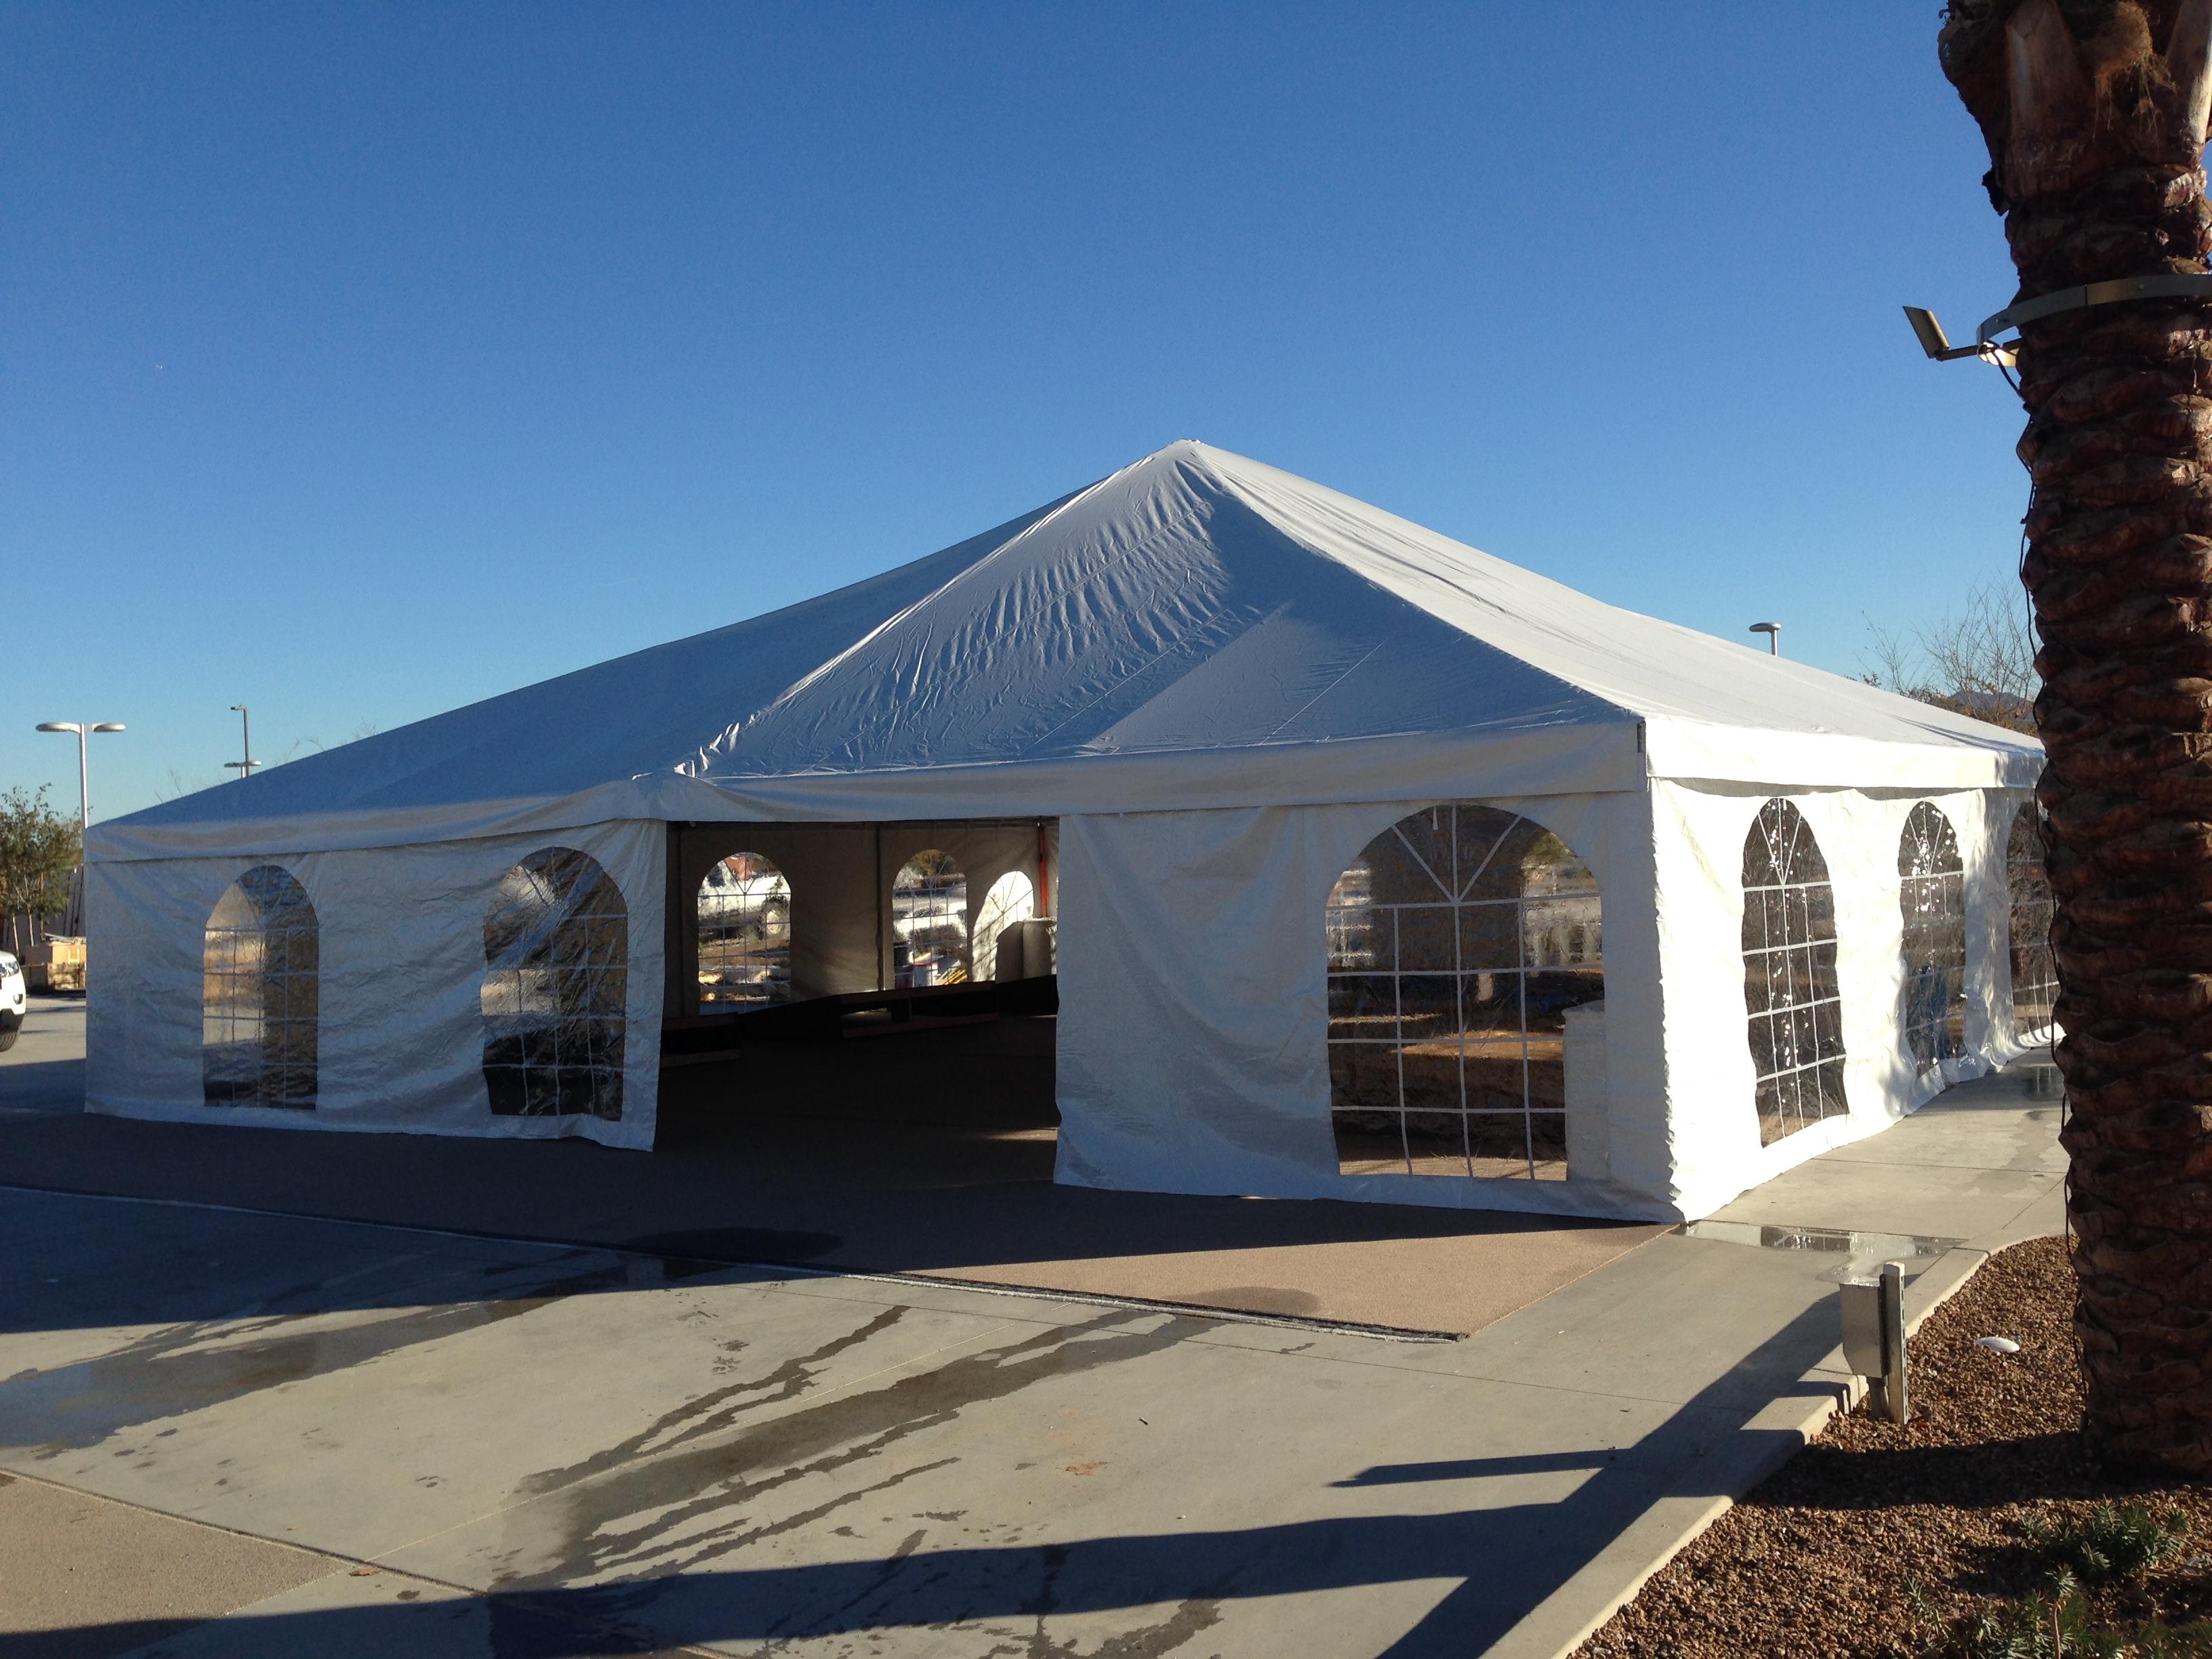 40 x 40 Tent Rentals